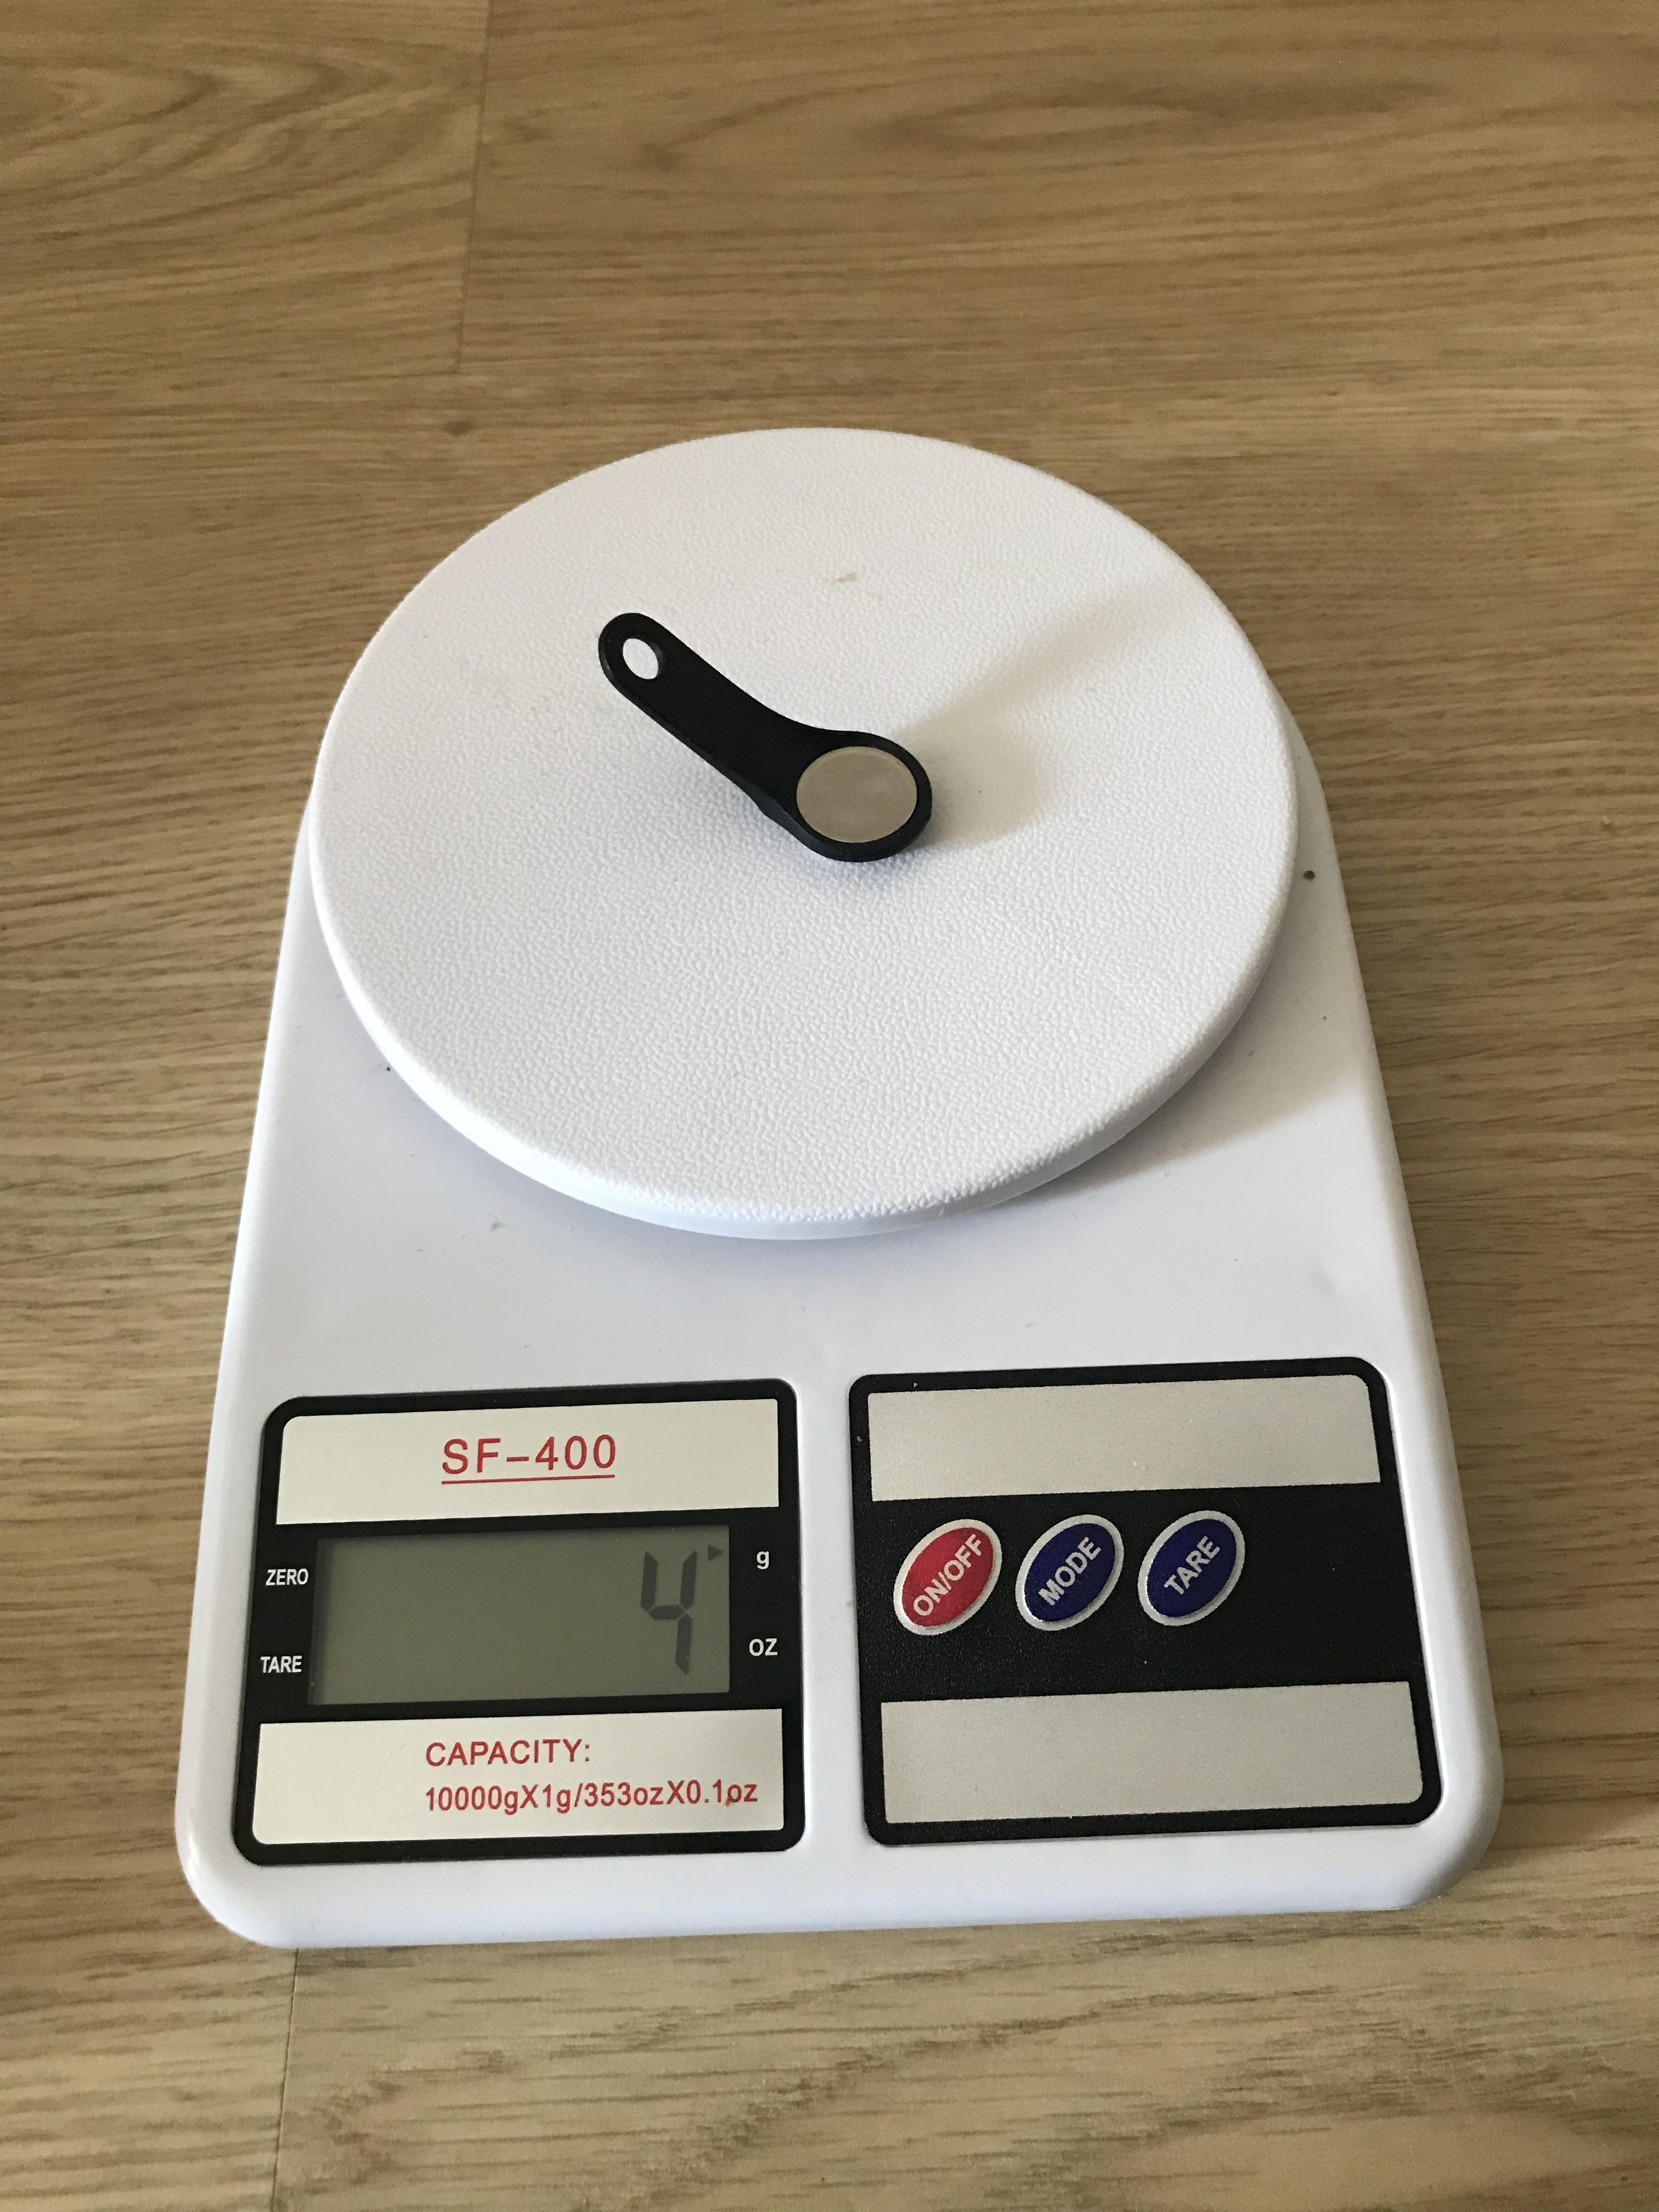 вес чипа от домофона